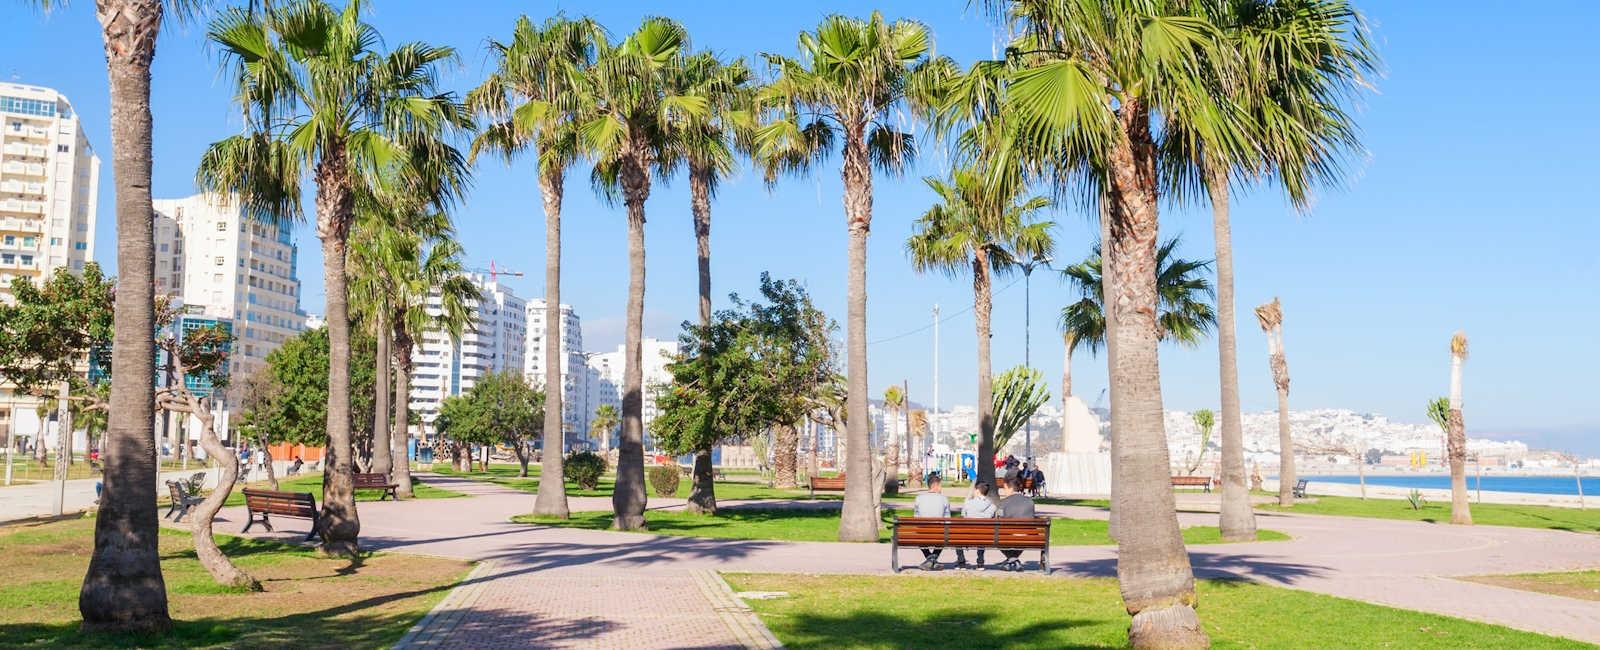 Tangier, main image